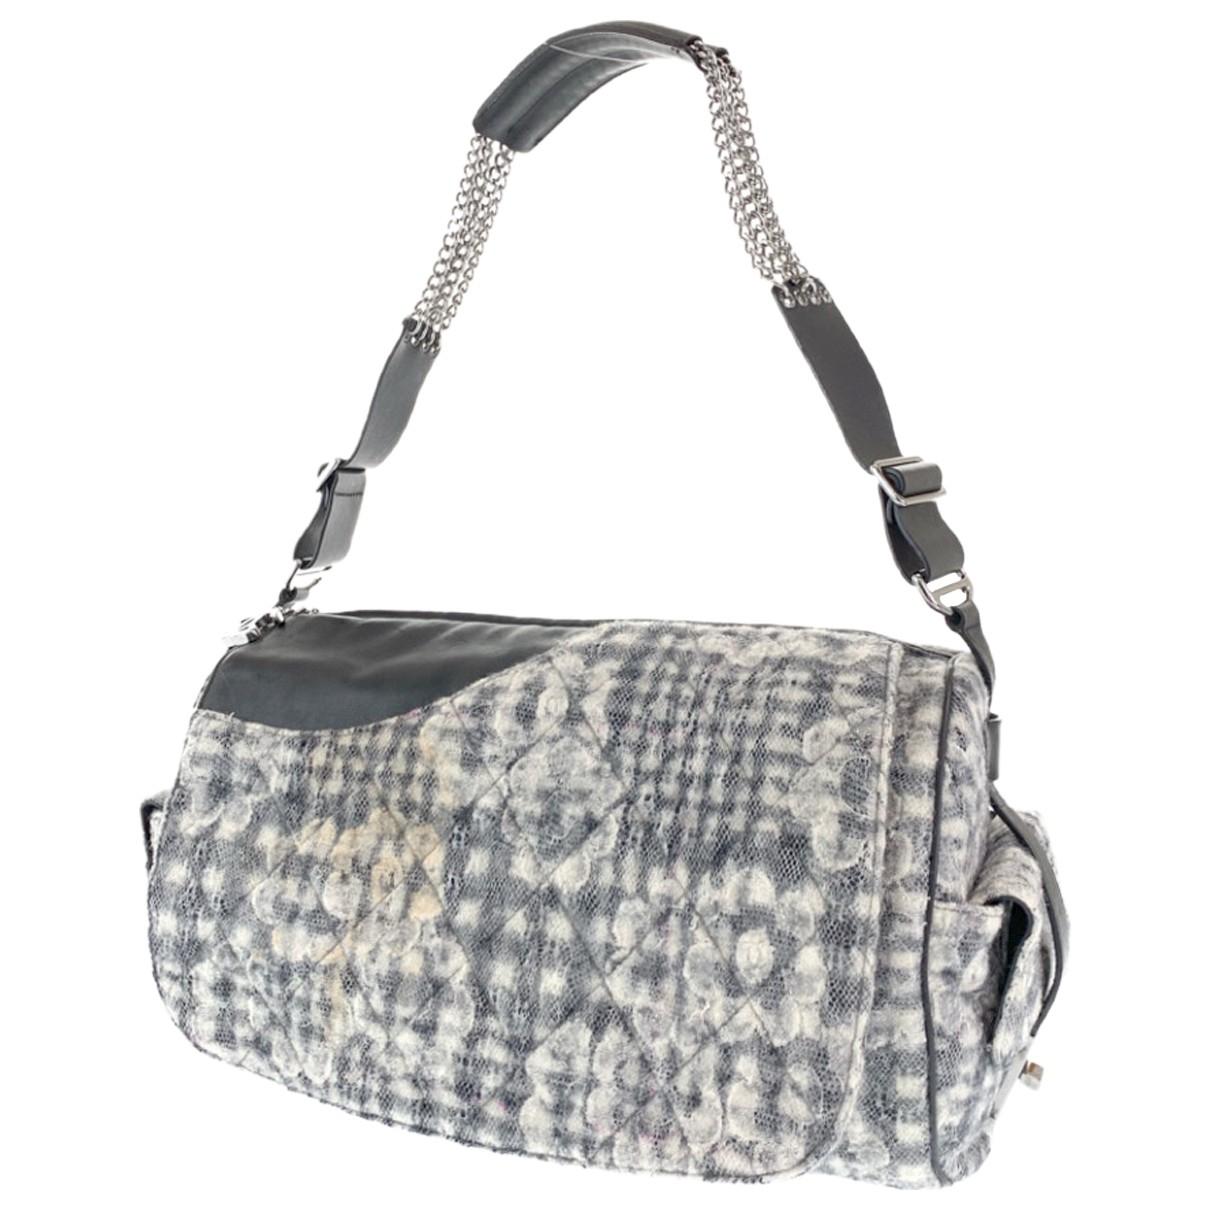 Chanel \N Handtasche in Tweed